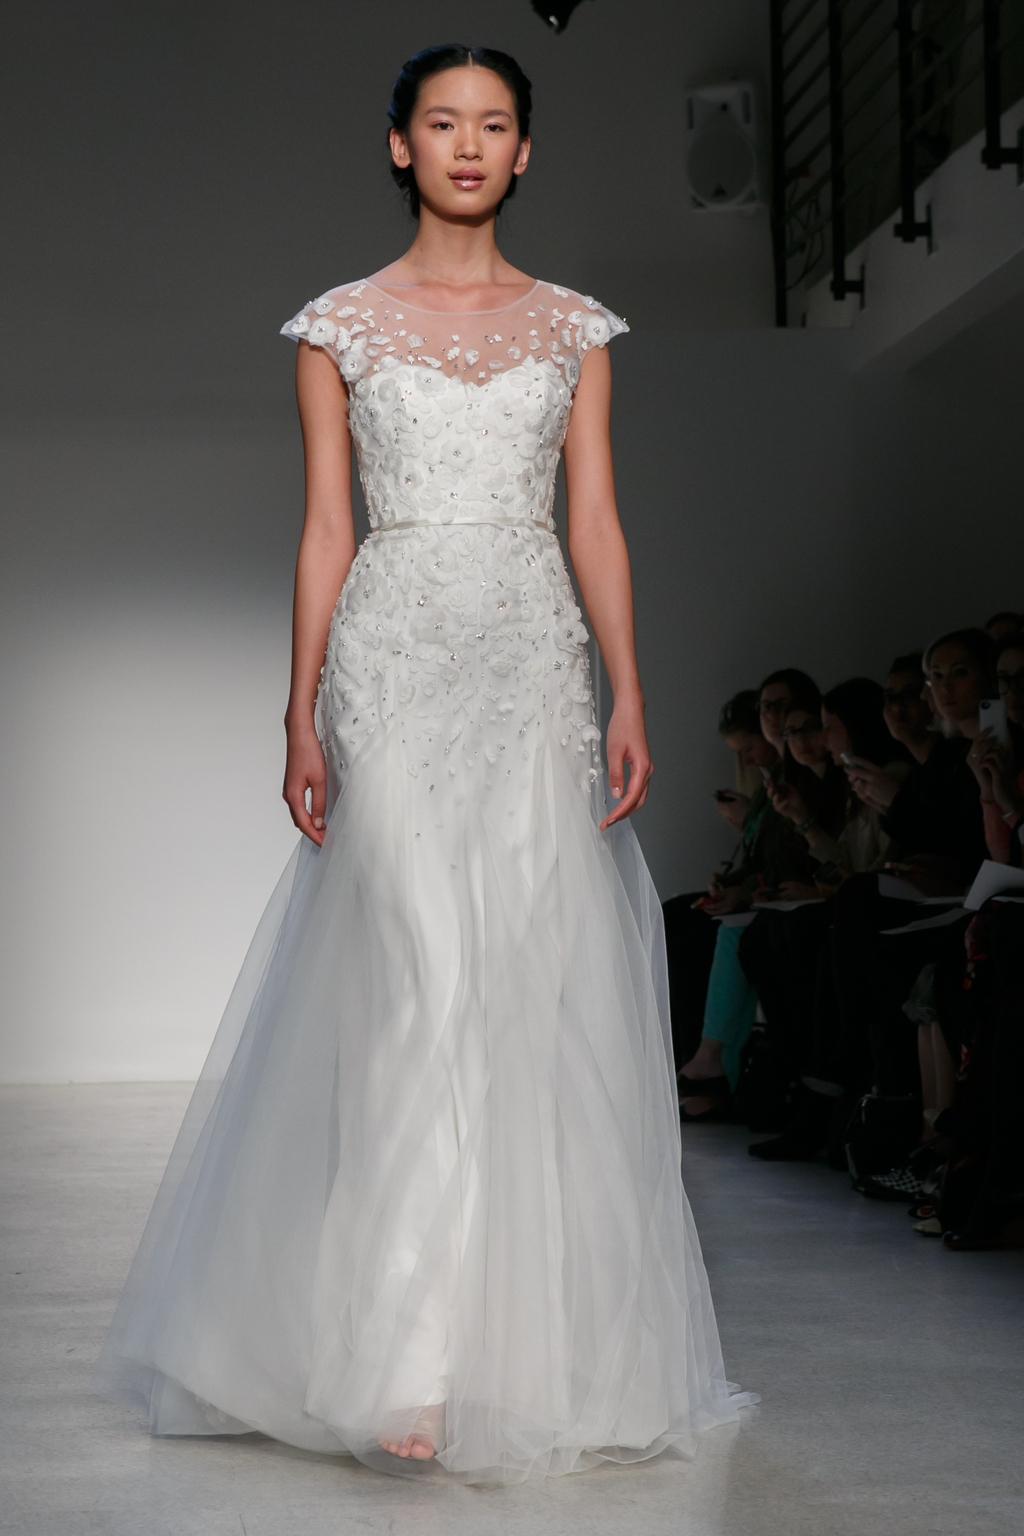 Fall-2013-wedding-dress-by-christos-amsale-bridal-6.full